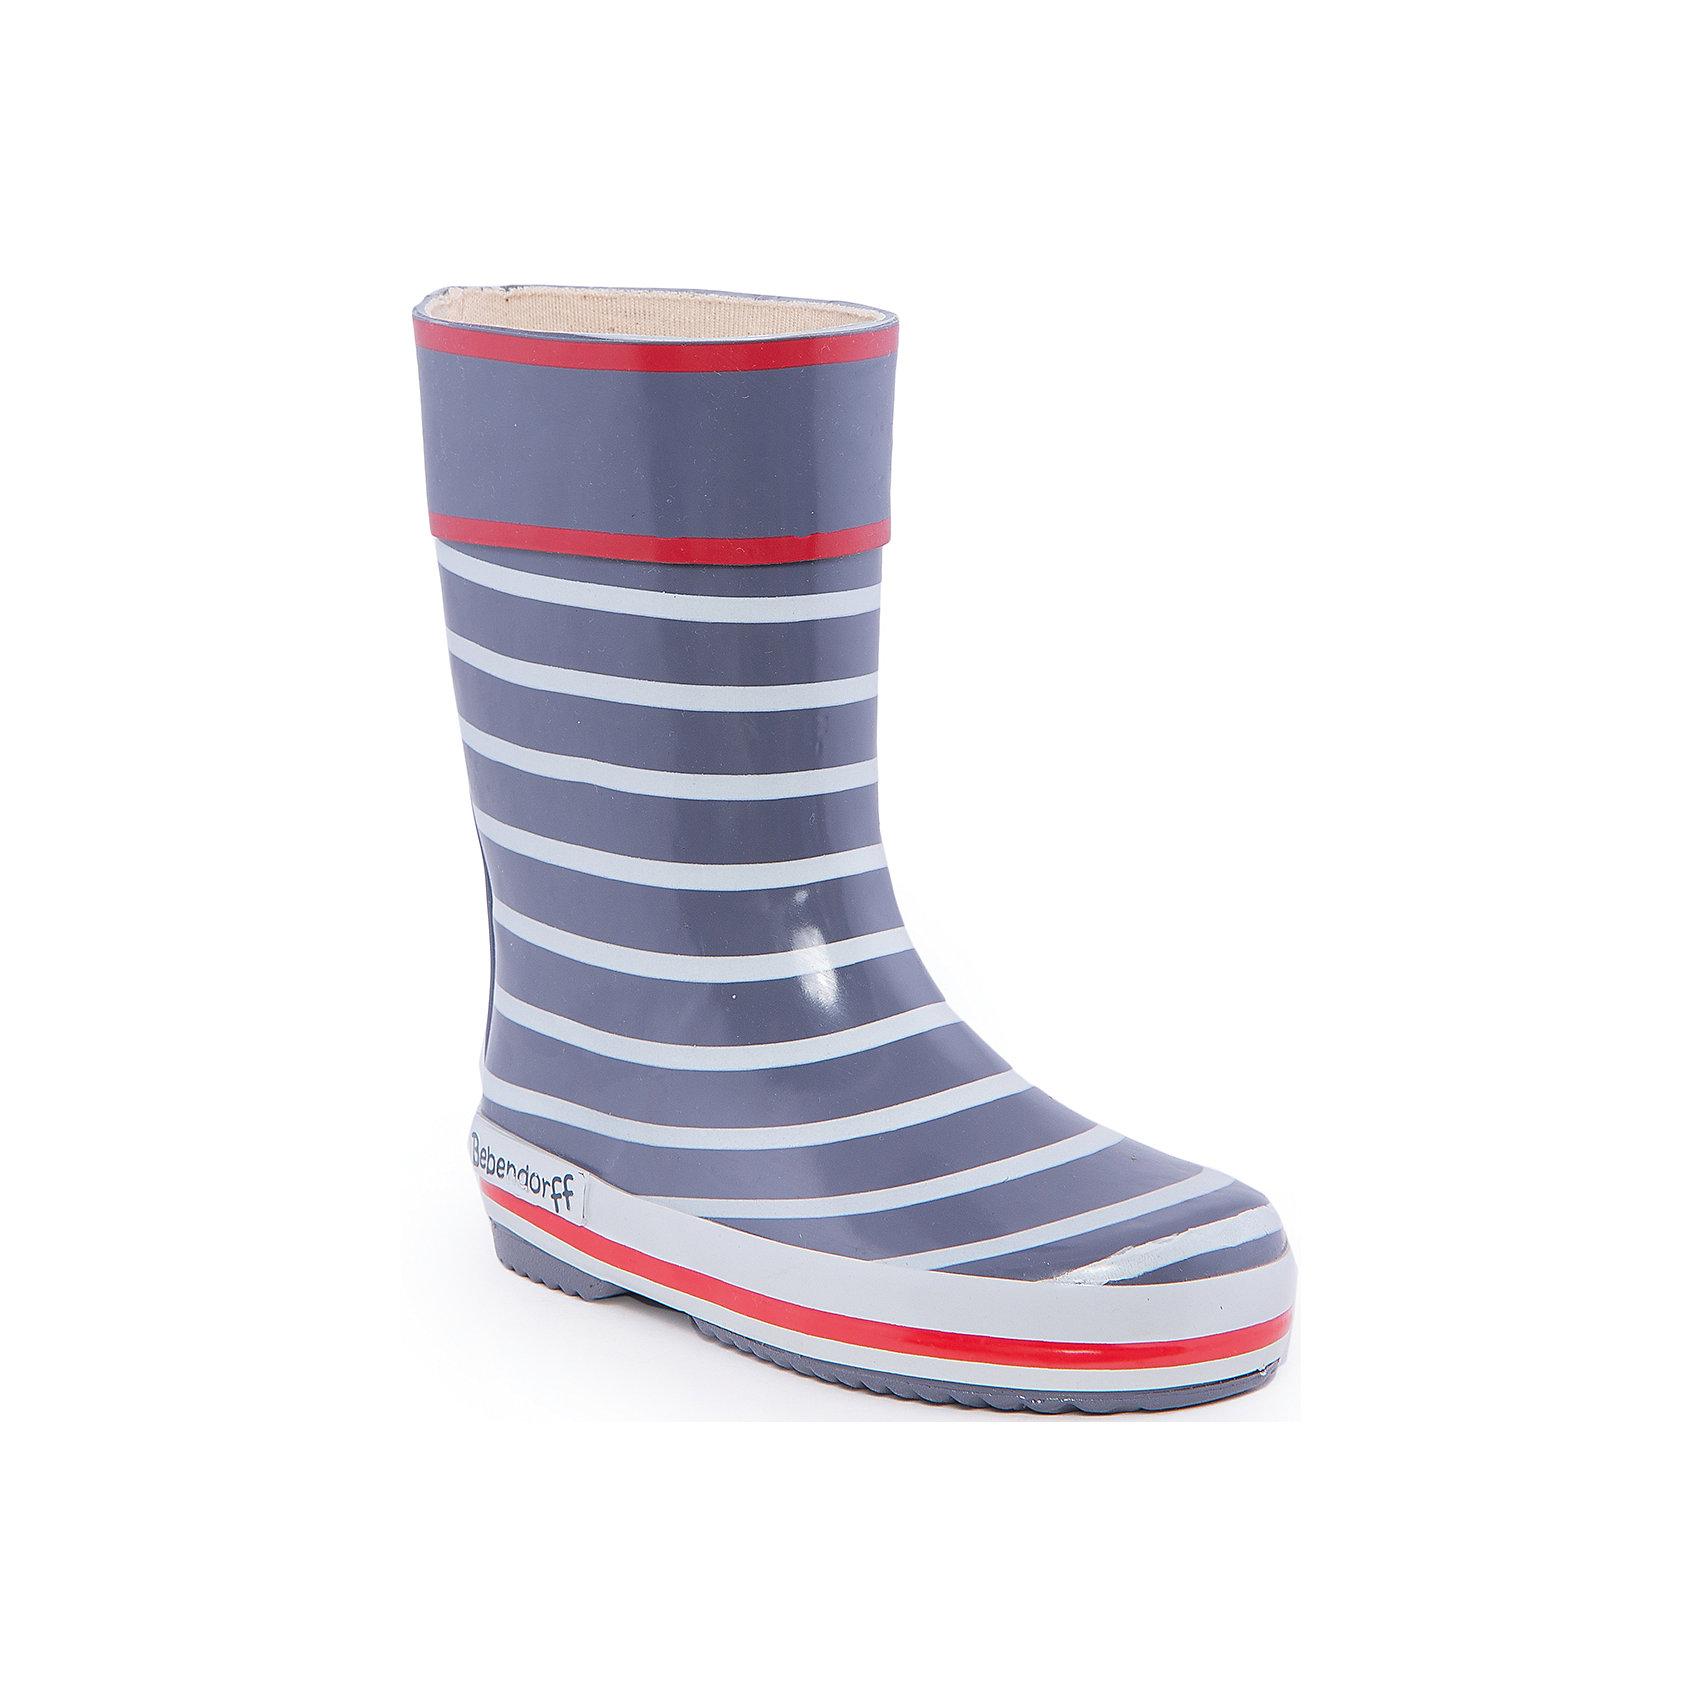 Резиновые сапоги для мальчика BebendorffРезиновые сапоги для мальчика от известного бренда Bebendorff<br><br>Модные прочные резиновые сапоги сделаны из качественной резины. Они позволят защитить ноги ребенка от сырости и обеспечат комфорт. Высокое голенище защитит одежду от грязи и влаги.<br><br>Отличительные особенности модели:<br><br>- цвет: серый;<br>- удобная форма;<br>- высокое голенище;<br>- качественные материалы;<br>- толстая устойчивая подошва;<br>- хлопковая подкладка;<br>- декорированы белыми и красными полосками;<br>- подошва рифленая.<br><br>Дополнительная информация:<br><br>Температурный режим: от + 5° С до + 20° С.<br><br>Состав:<br>верх - резина;<br>подкладка - хлопок;<br>стелька - хлопок;<br>подошва - резина.<br><br>Резиновые сапоги для мальчика Bebendorff (Бебендорф) можно купить в нашем магазине.<br><br>Ширина мм: 237<br>Глубина мм: 180<br>Высота мм: 152<br>Вес г: 438<br>Цвет: белый<br>Возраст от месяцев: 24<br>Возраст до месяцев: 36<br>Пол: Мужской<br>Возраст: Детский<br>Размер: 30,26,28,27,29,31,32,34,35,33<br>SKU: 4554641